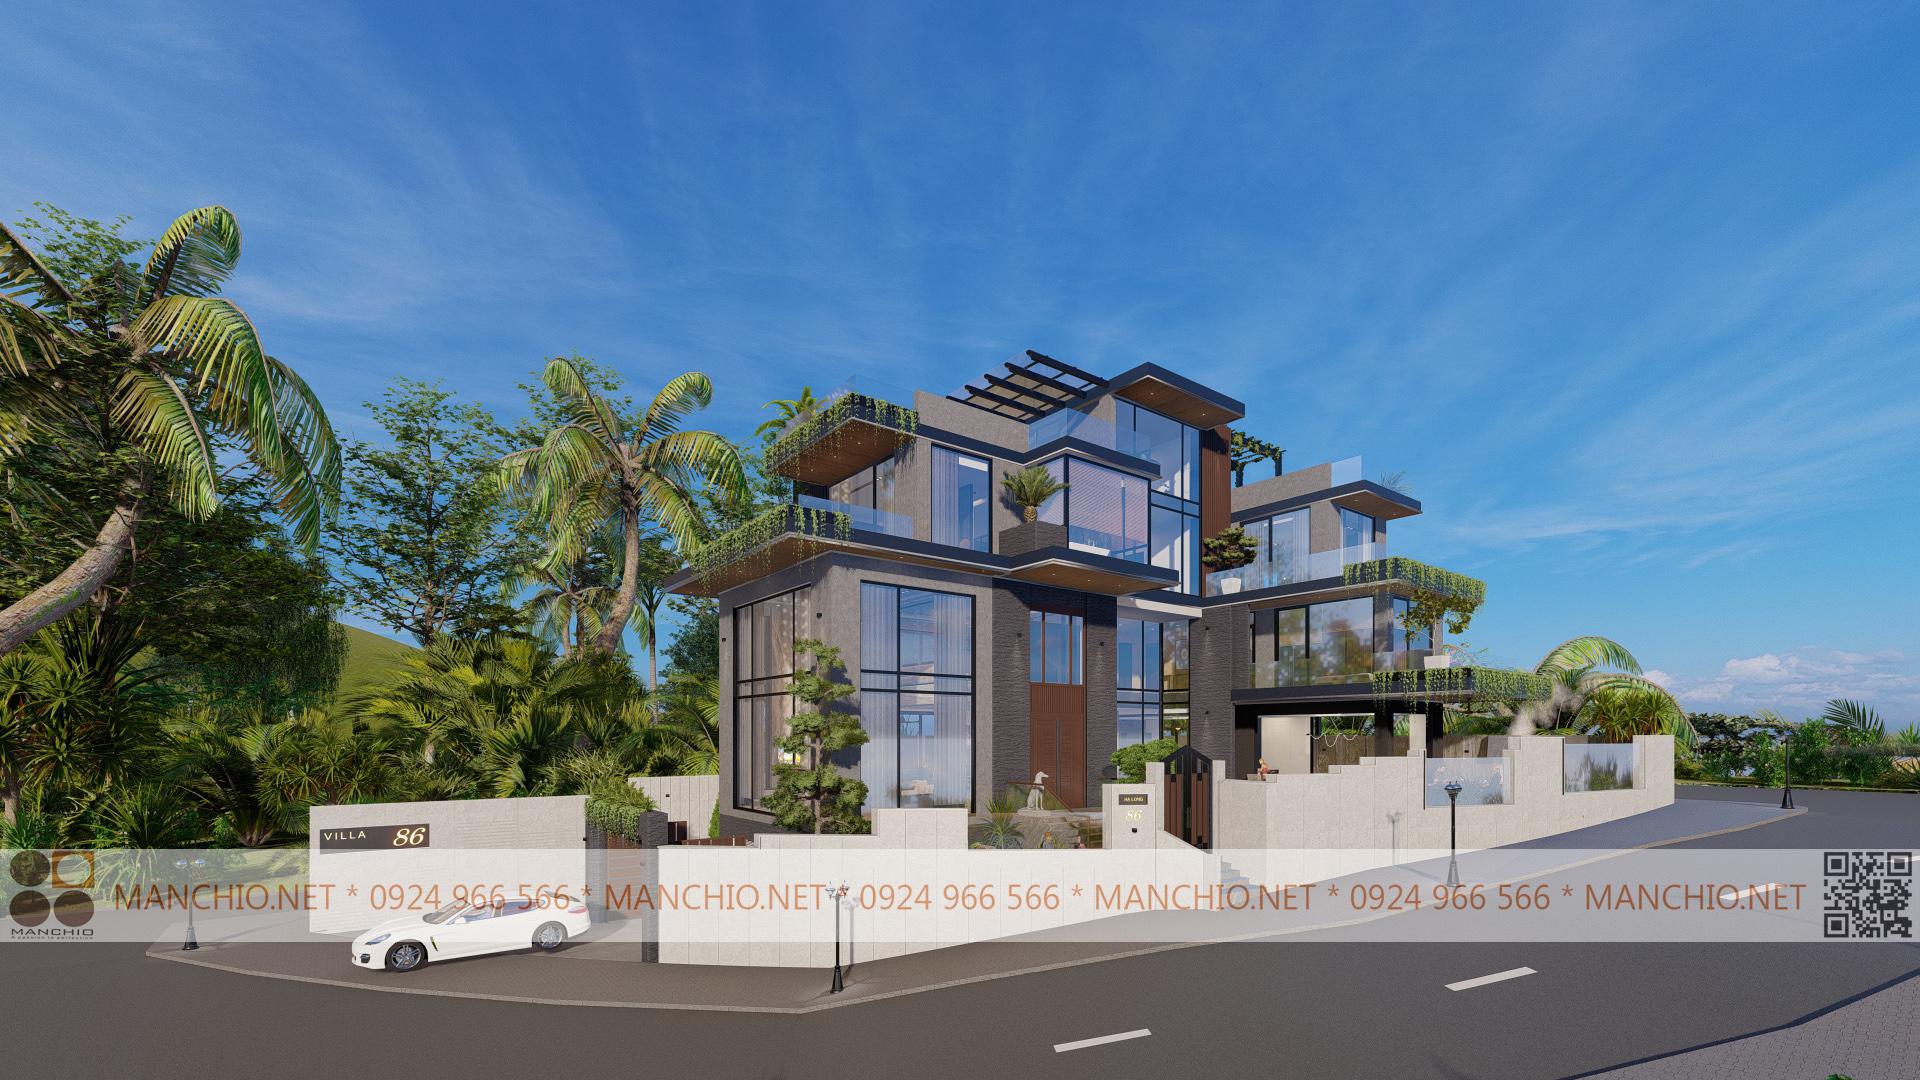 Thiết kế kiến trúc Biệt thự biển - Manchio.net